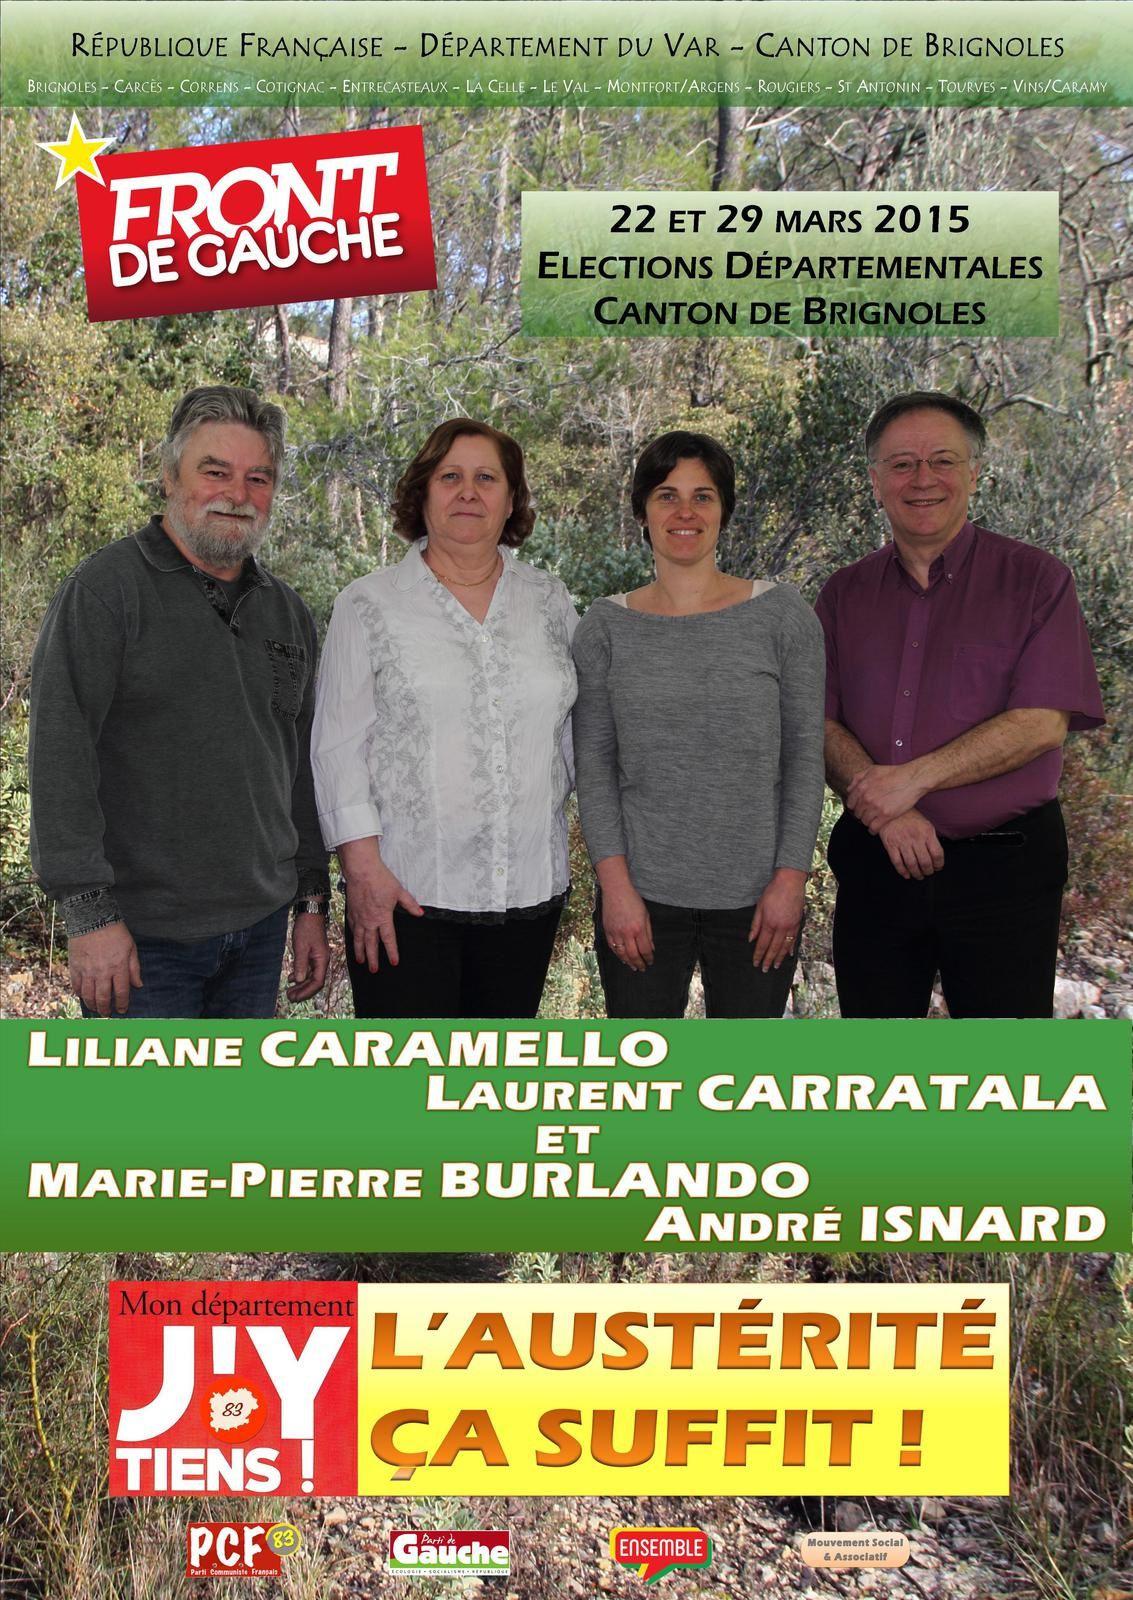 Le 22 mars je vote Front de Gauche sur le canton de Brignoles